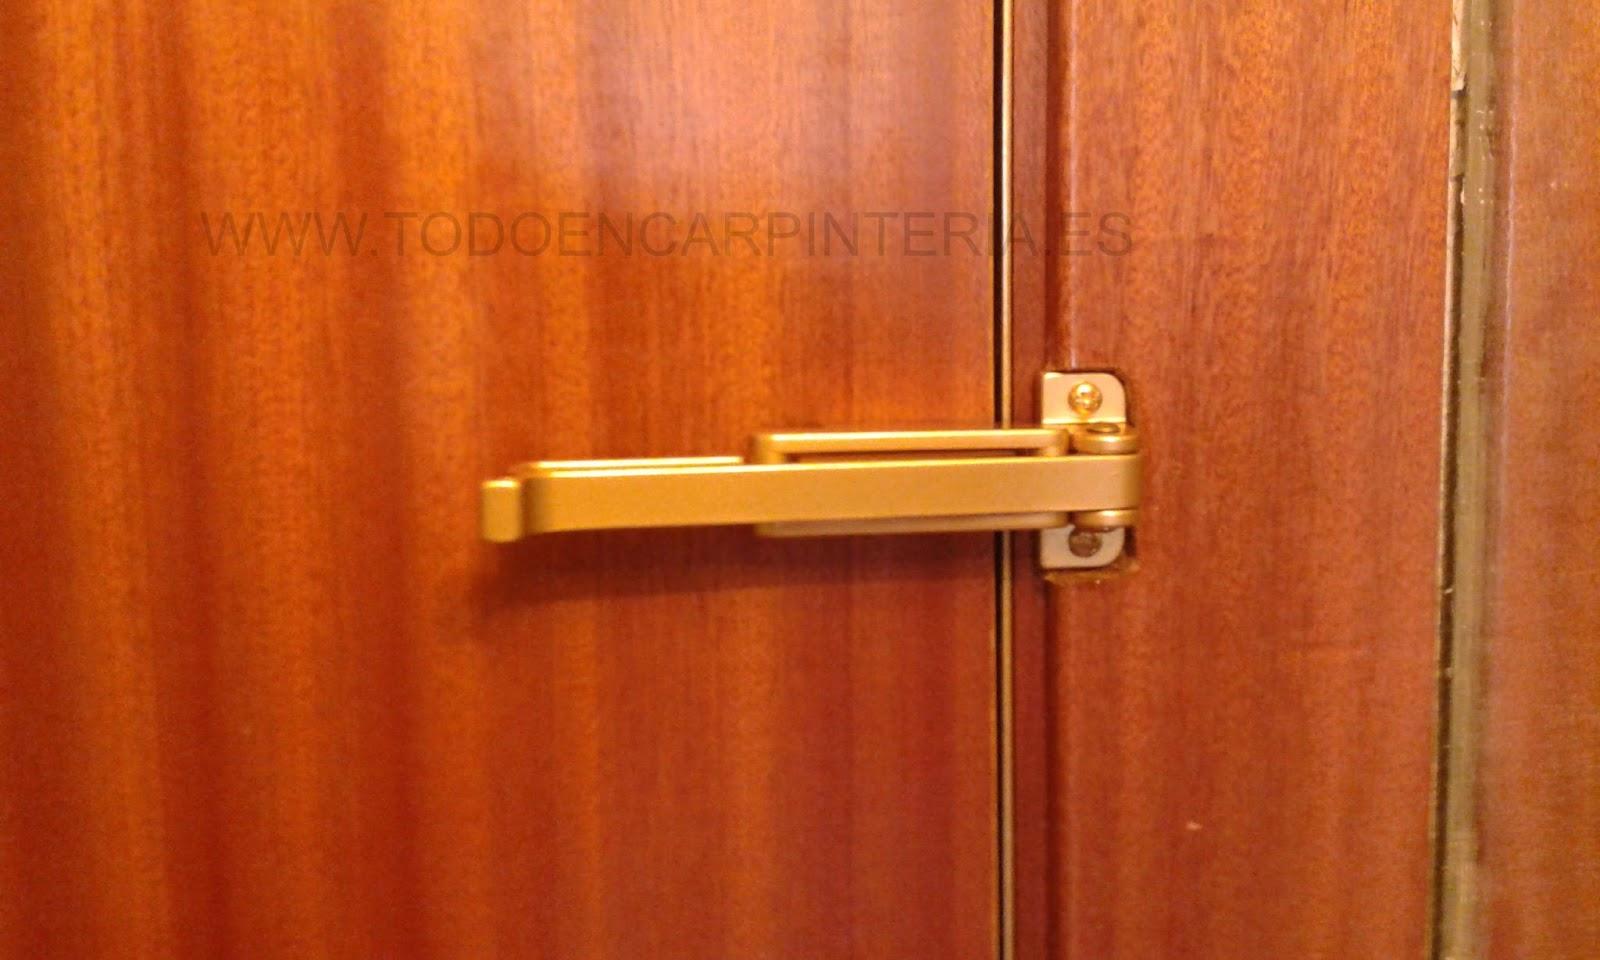 Cadenas de seguridad para puertas blindadas materiales - Puertas de seguridad para casas ...